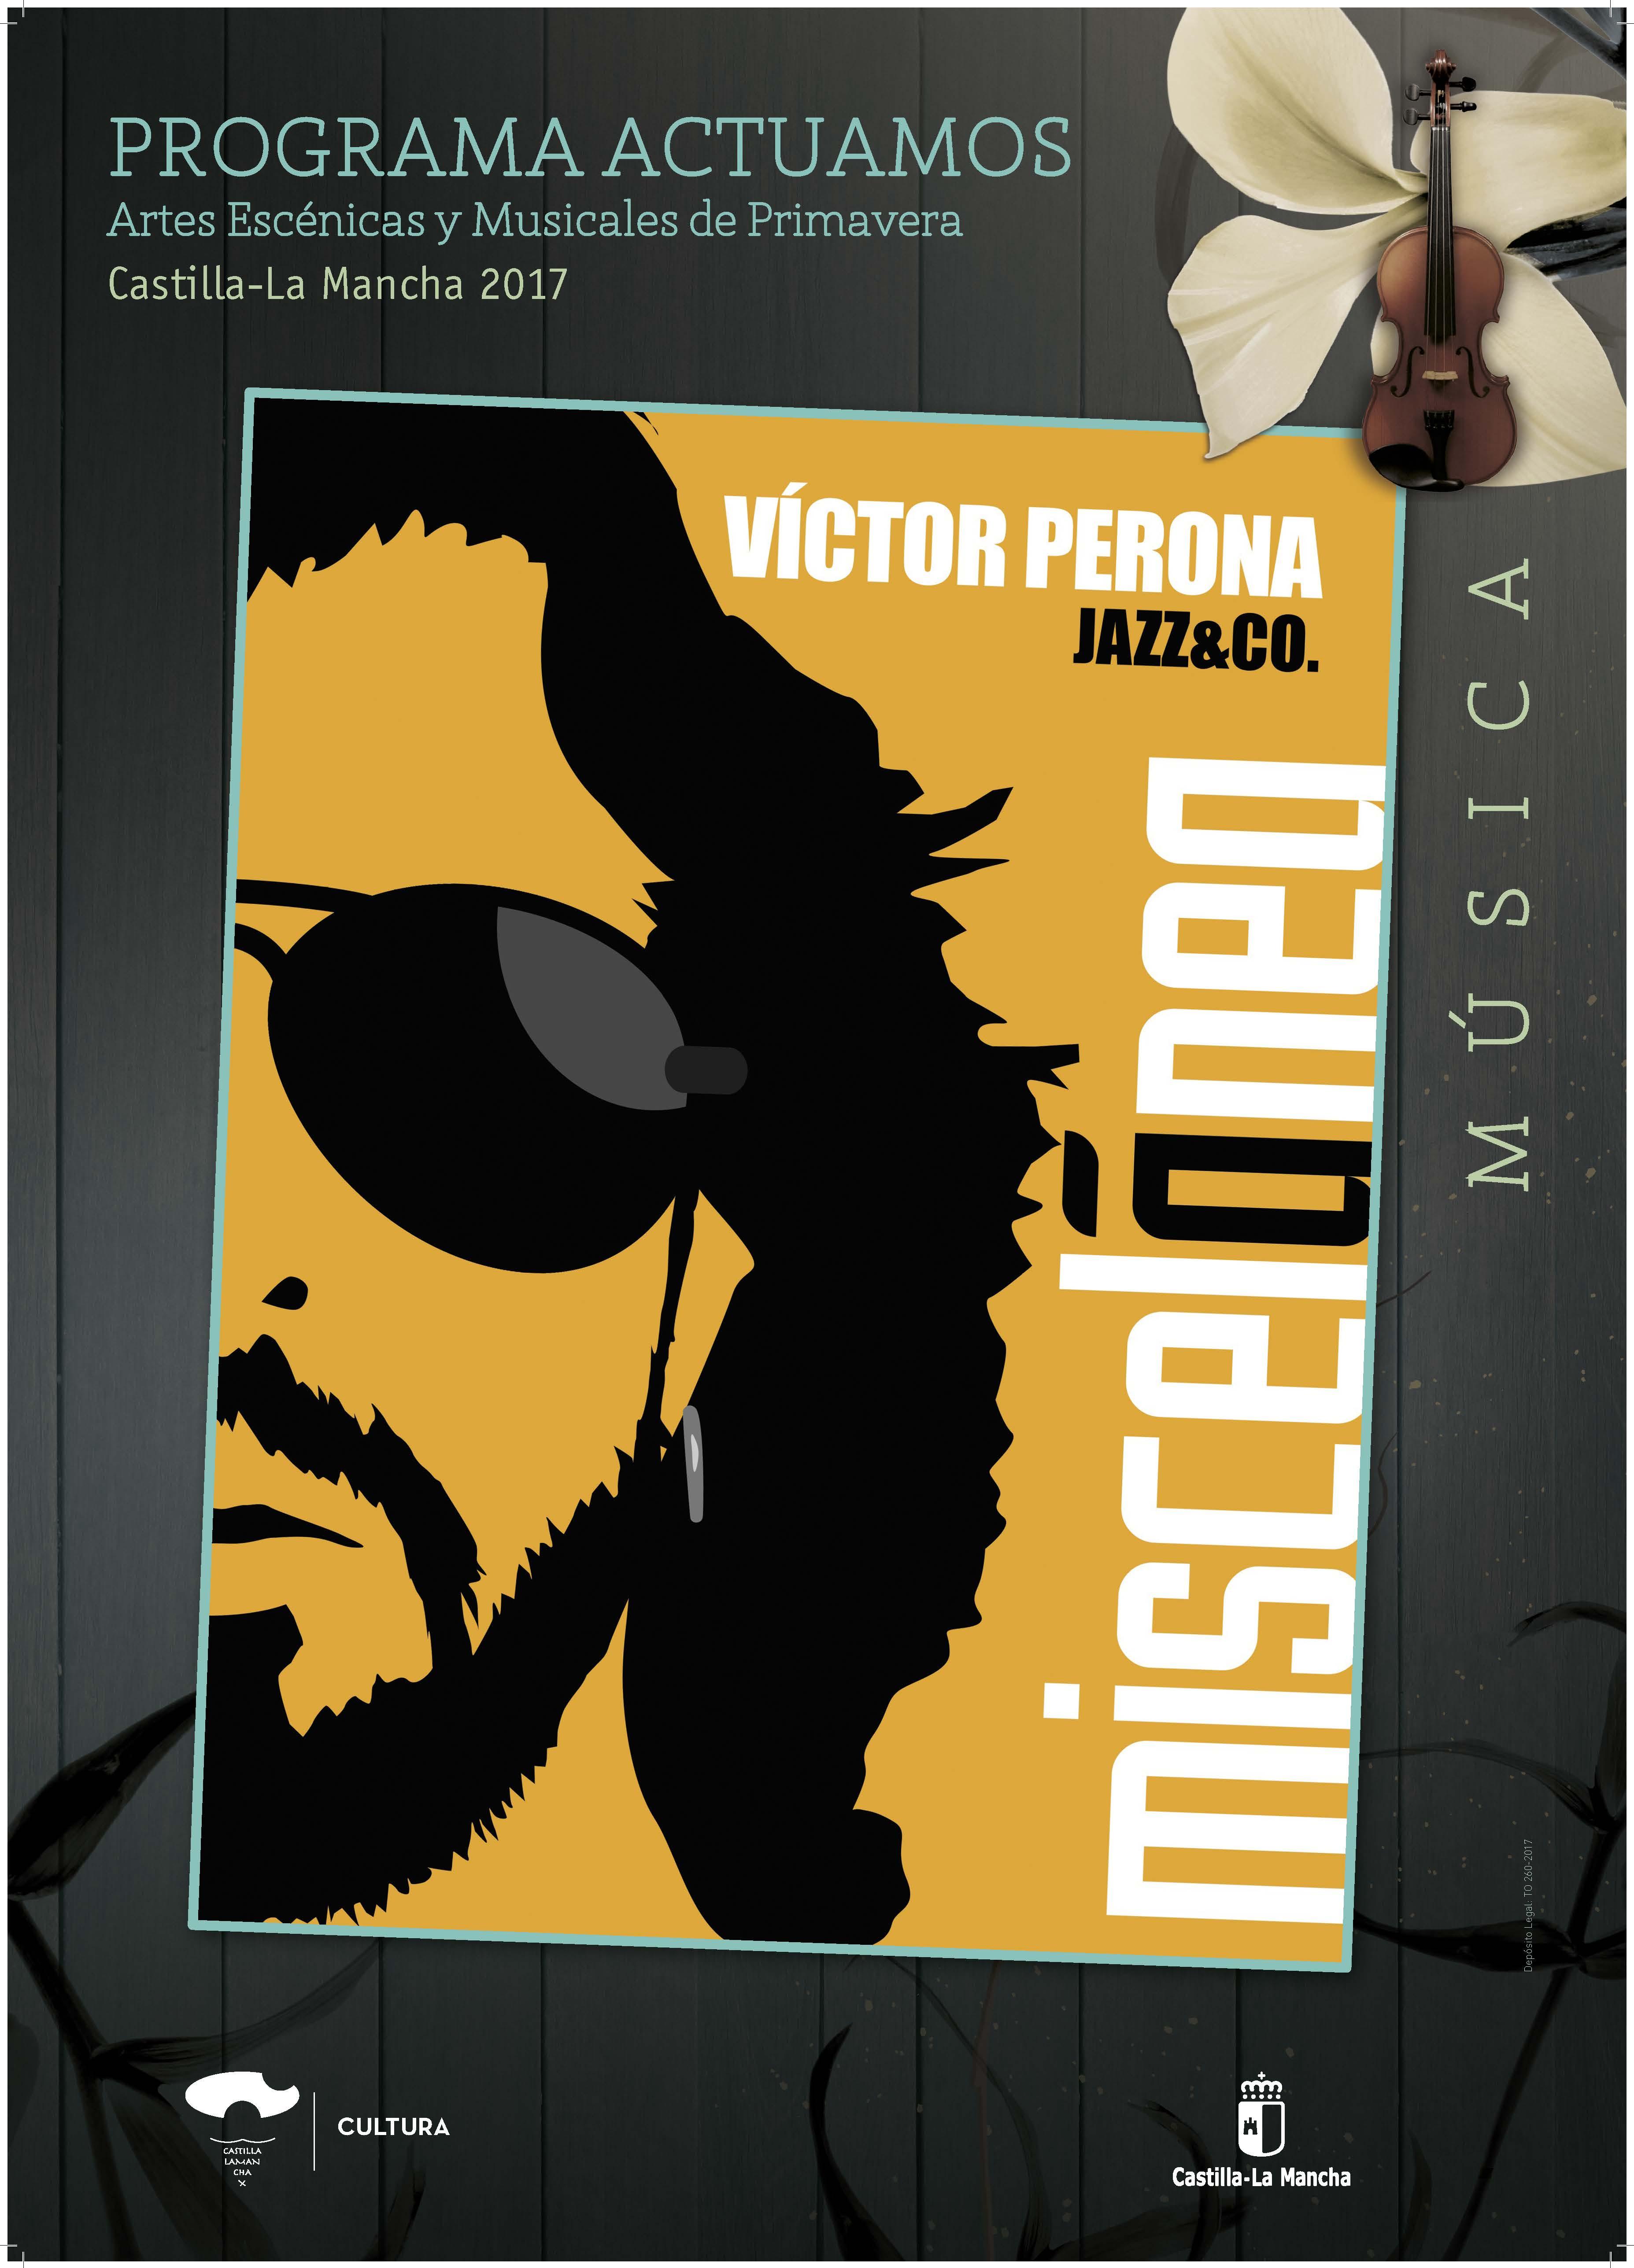 Imagen de la actividad MISCELÁNEA (Víctor Perona & Co)